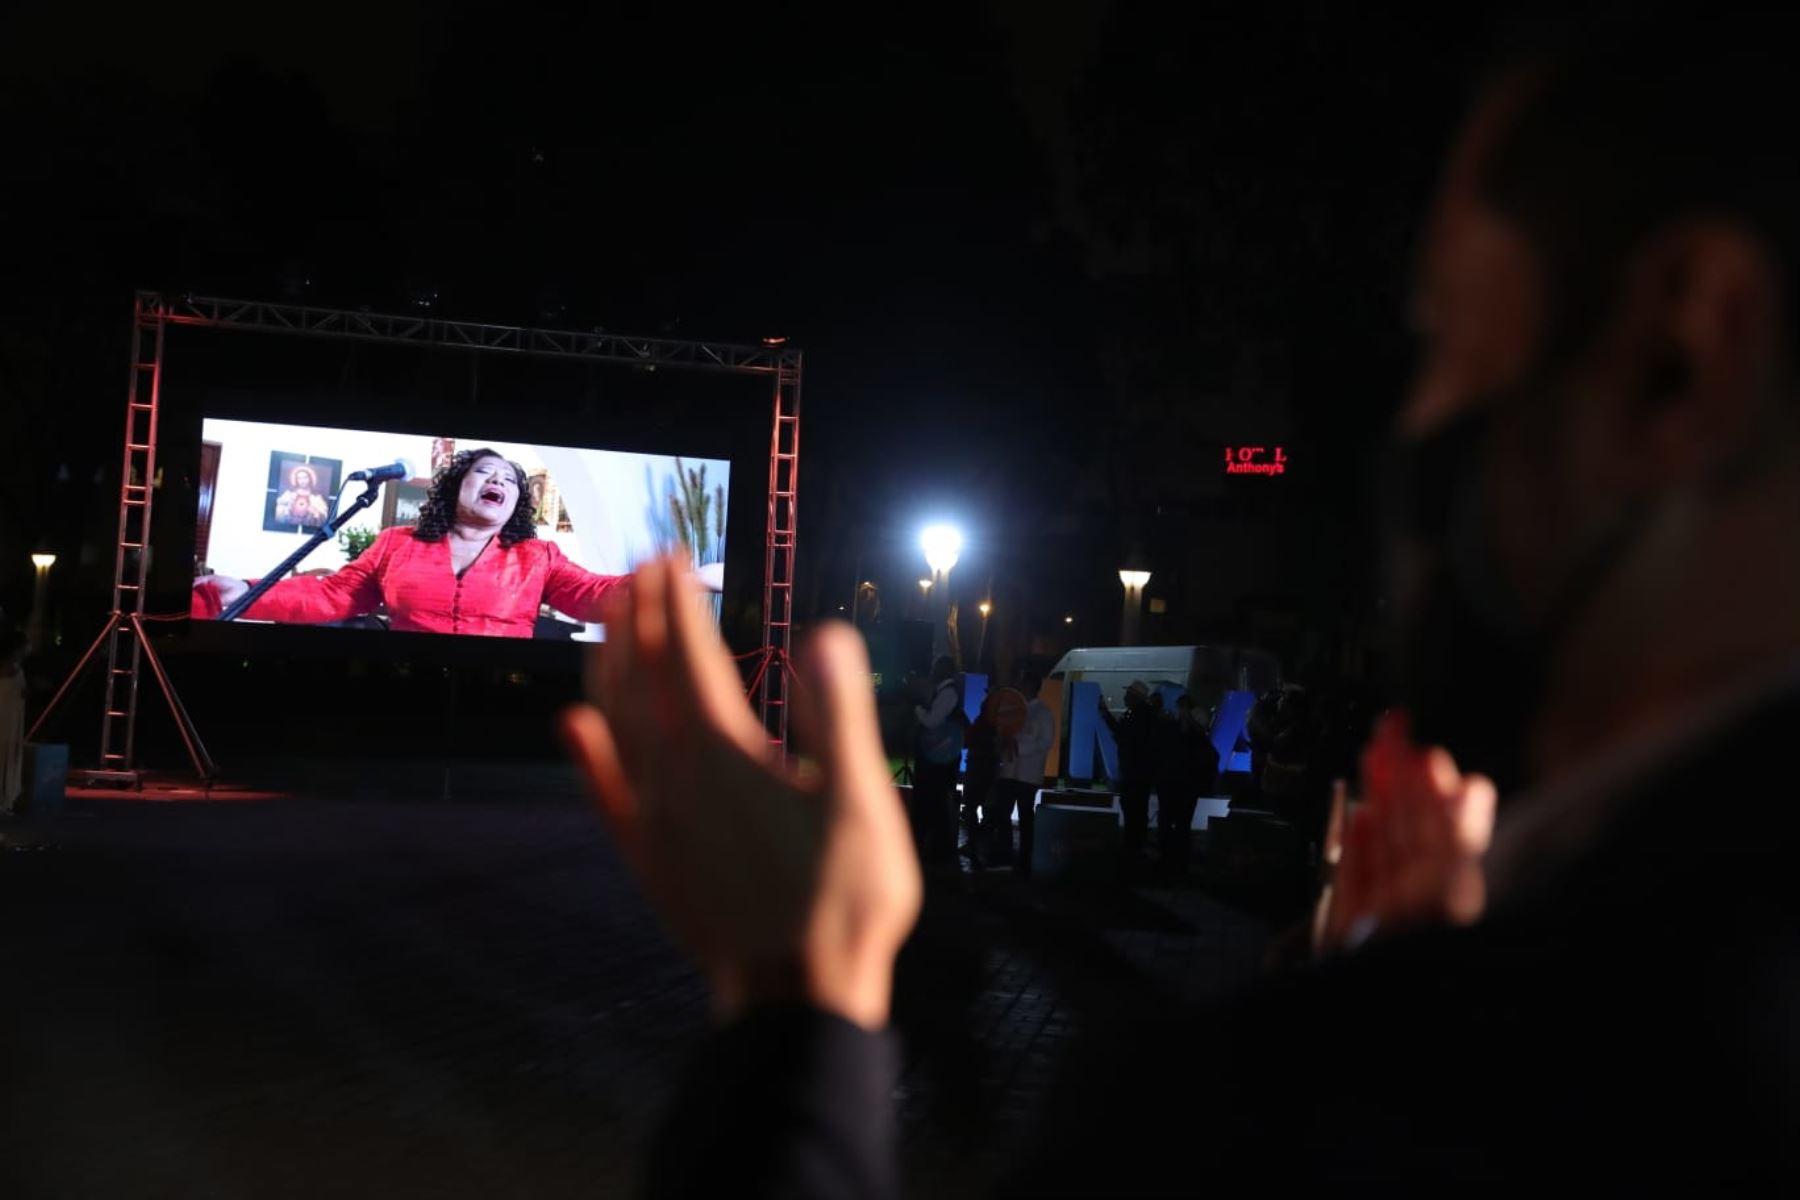 """El presidente de la República, Martín Vizcarra, participa en el lanzamiento de la Campaña de Turismo Interno """"Volver"""", en el Circuito Mágico del Agua. Foto : ANDINA/ Prensa Presidencia"""